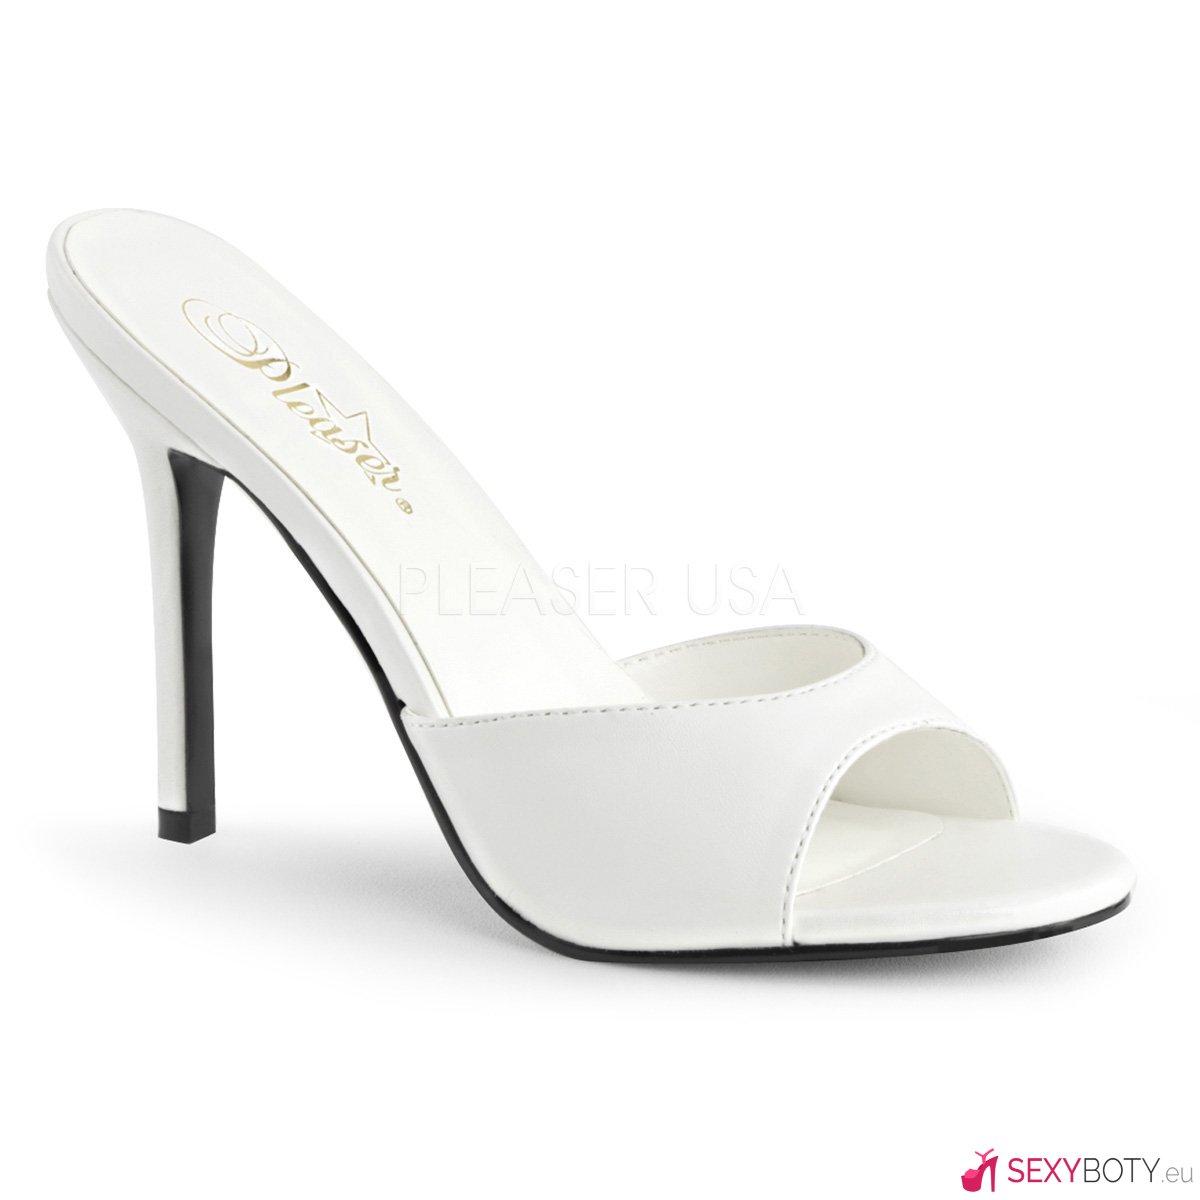 cc5ee465b5d CLASSIQUE-01 Bílé pantofle na vysokém jehlovém podpatku